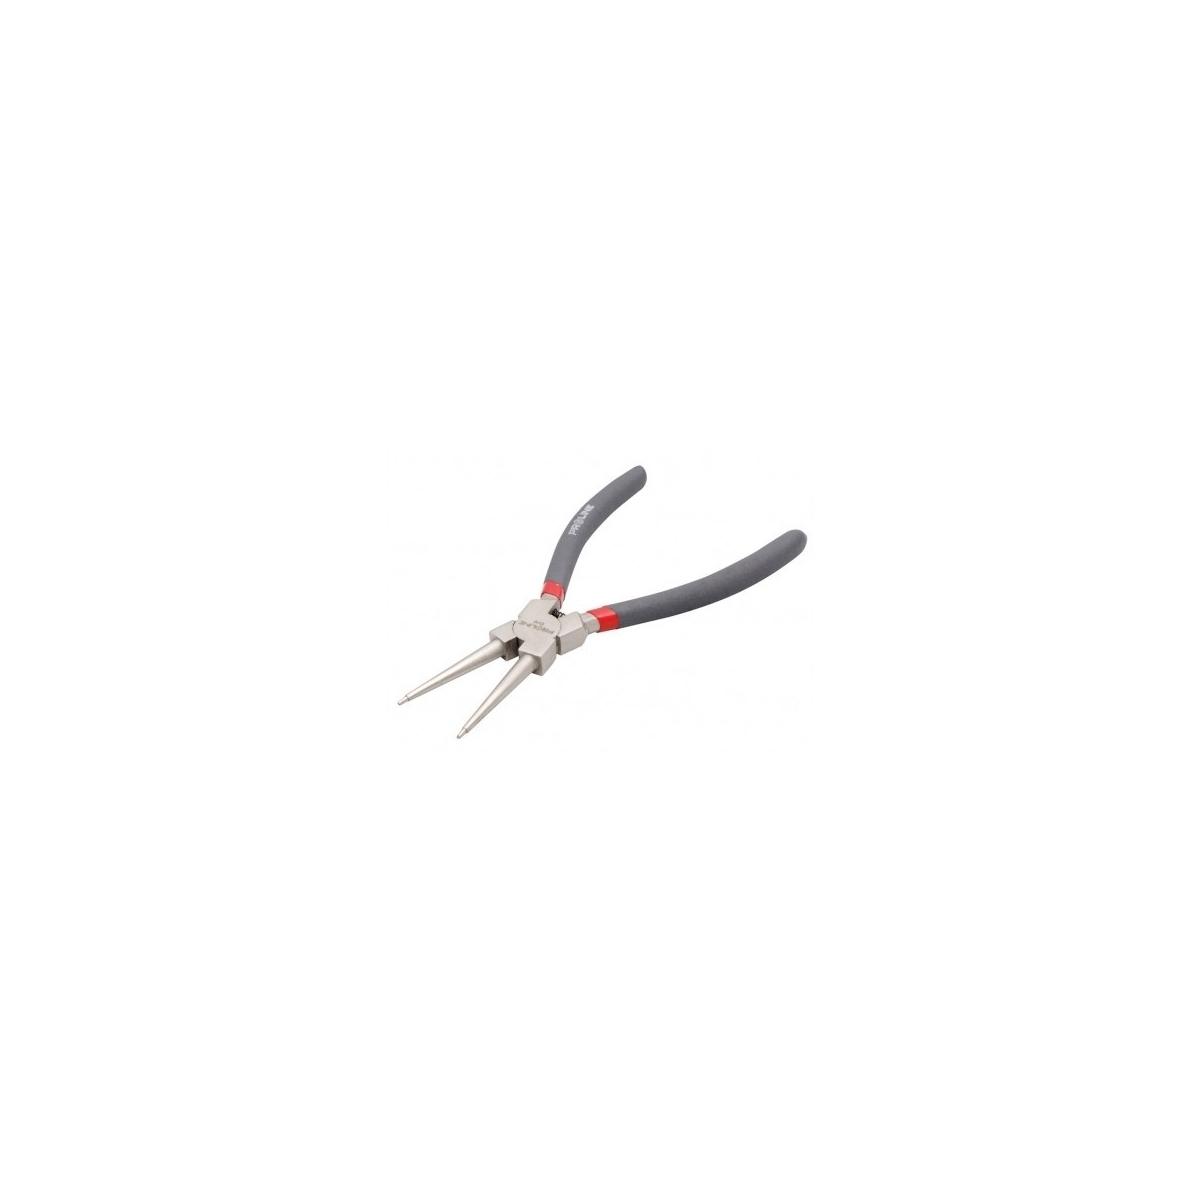 SZCZYPCE SEGERA 200MM WEW.PR. Szczypce sergera 200 mm - 28620